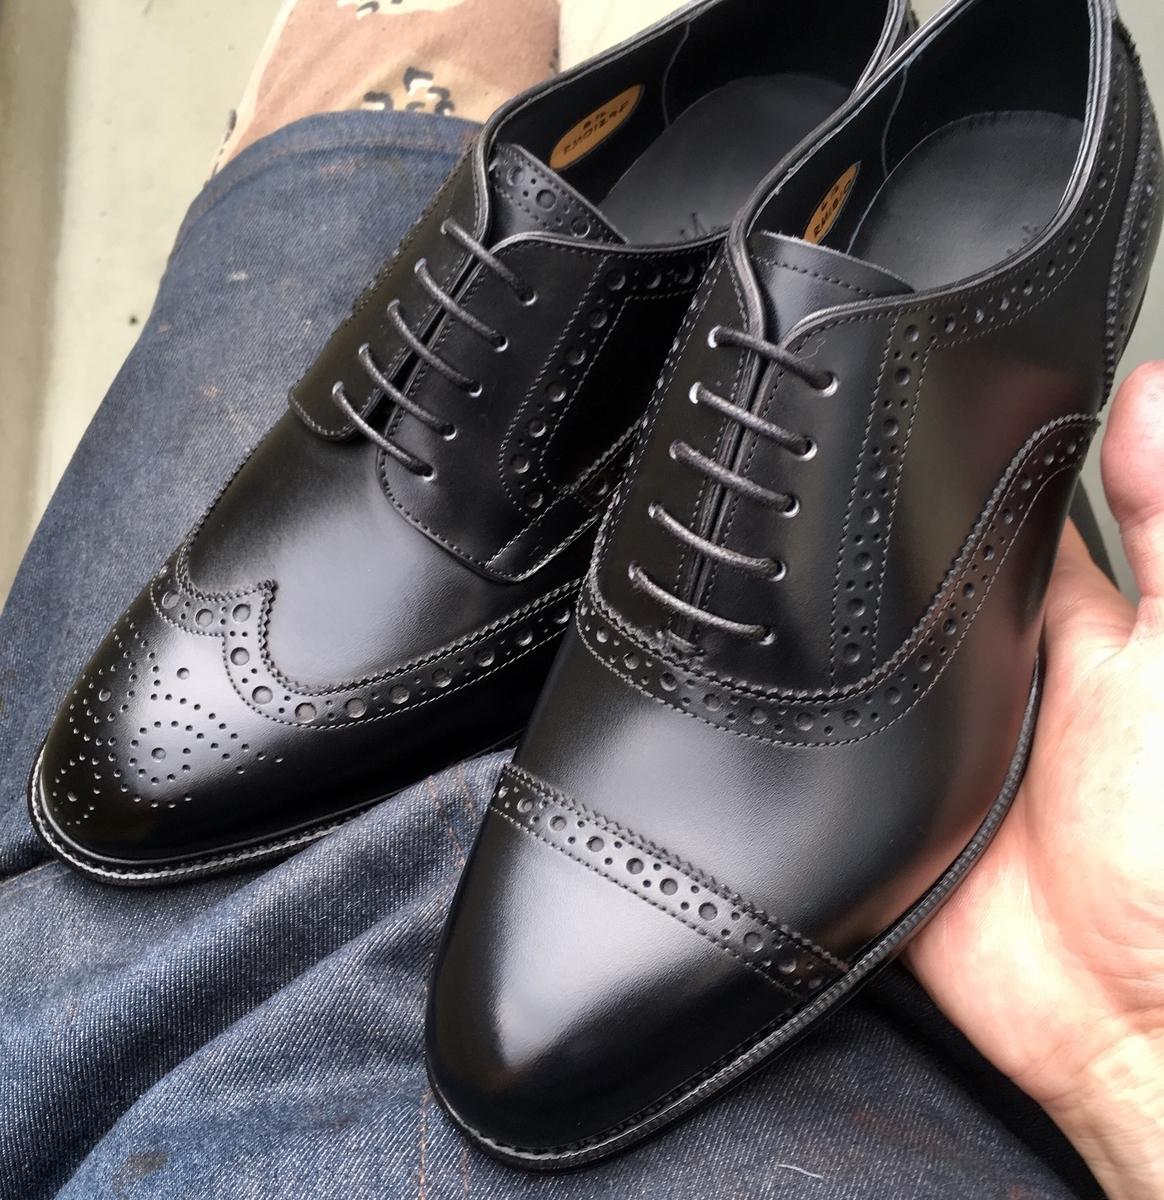 f:id:raymar-shoes:20190710211351j:plain